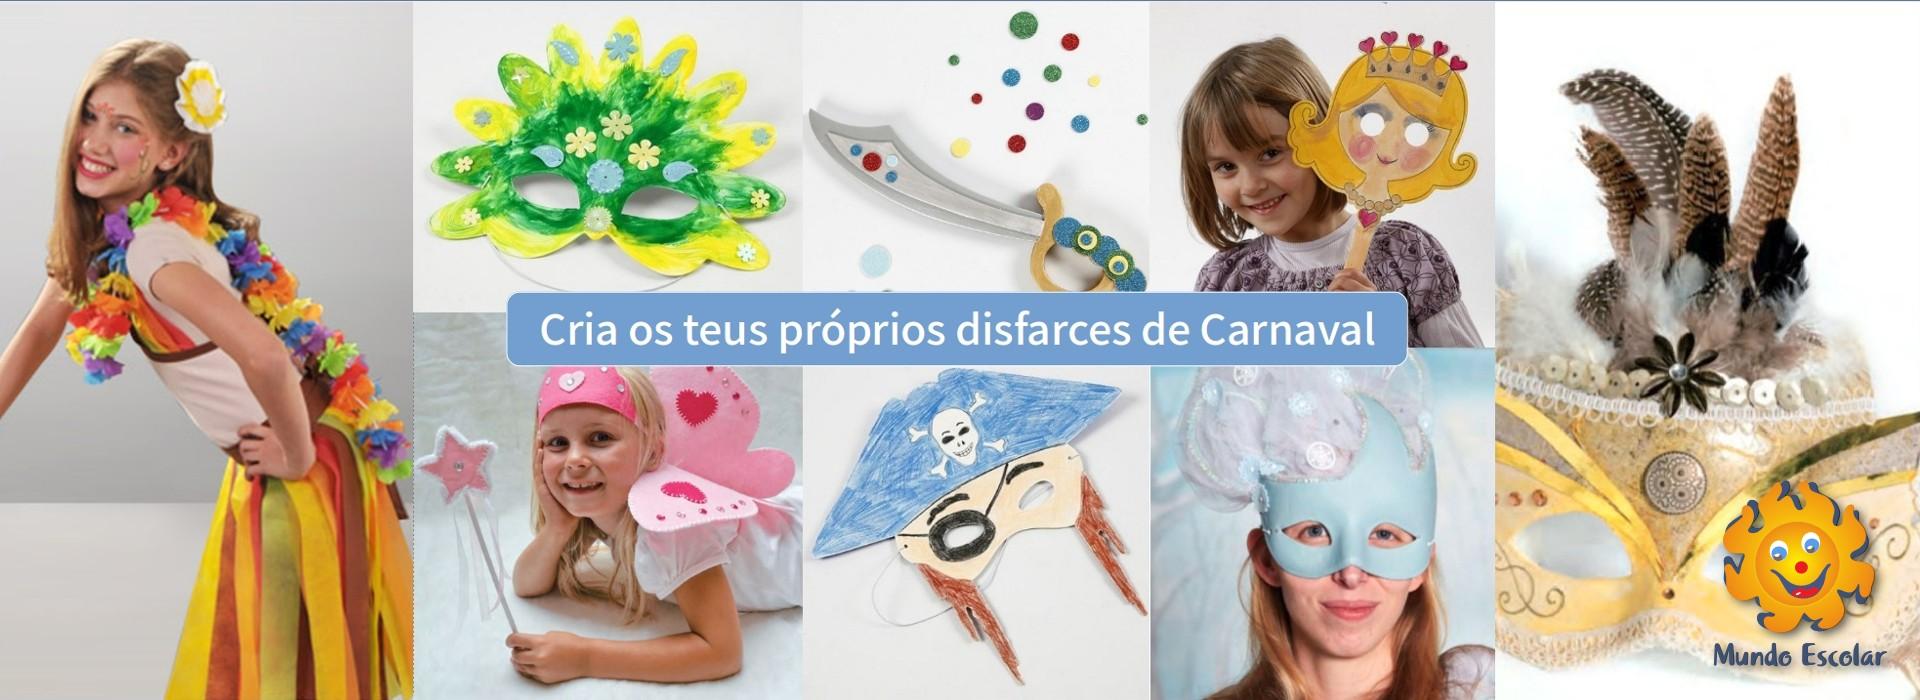 Cria os teus próprios disfarces de Carnaval